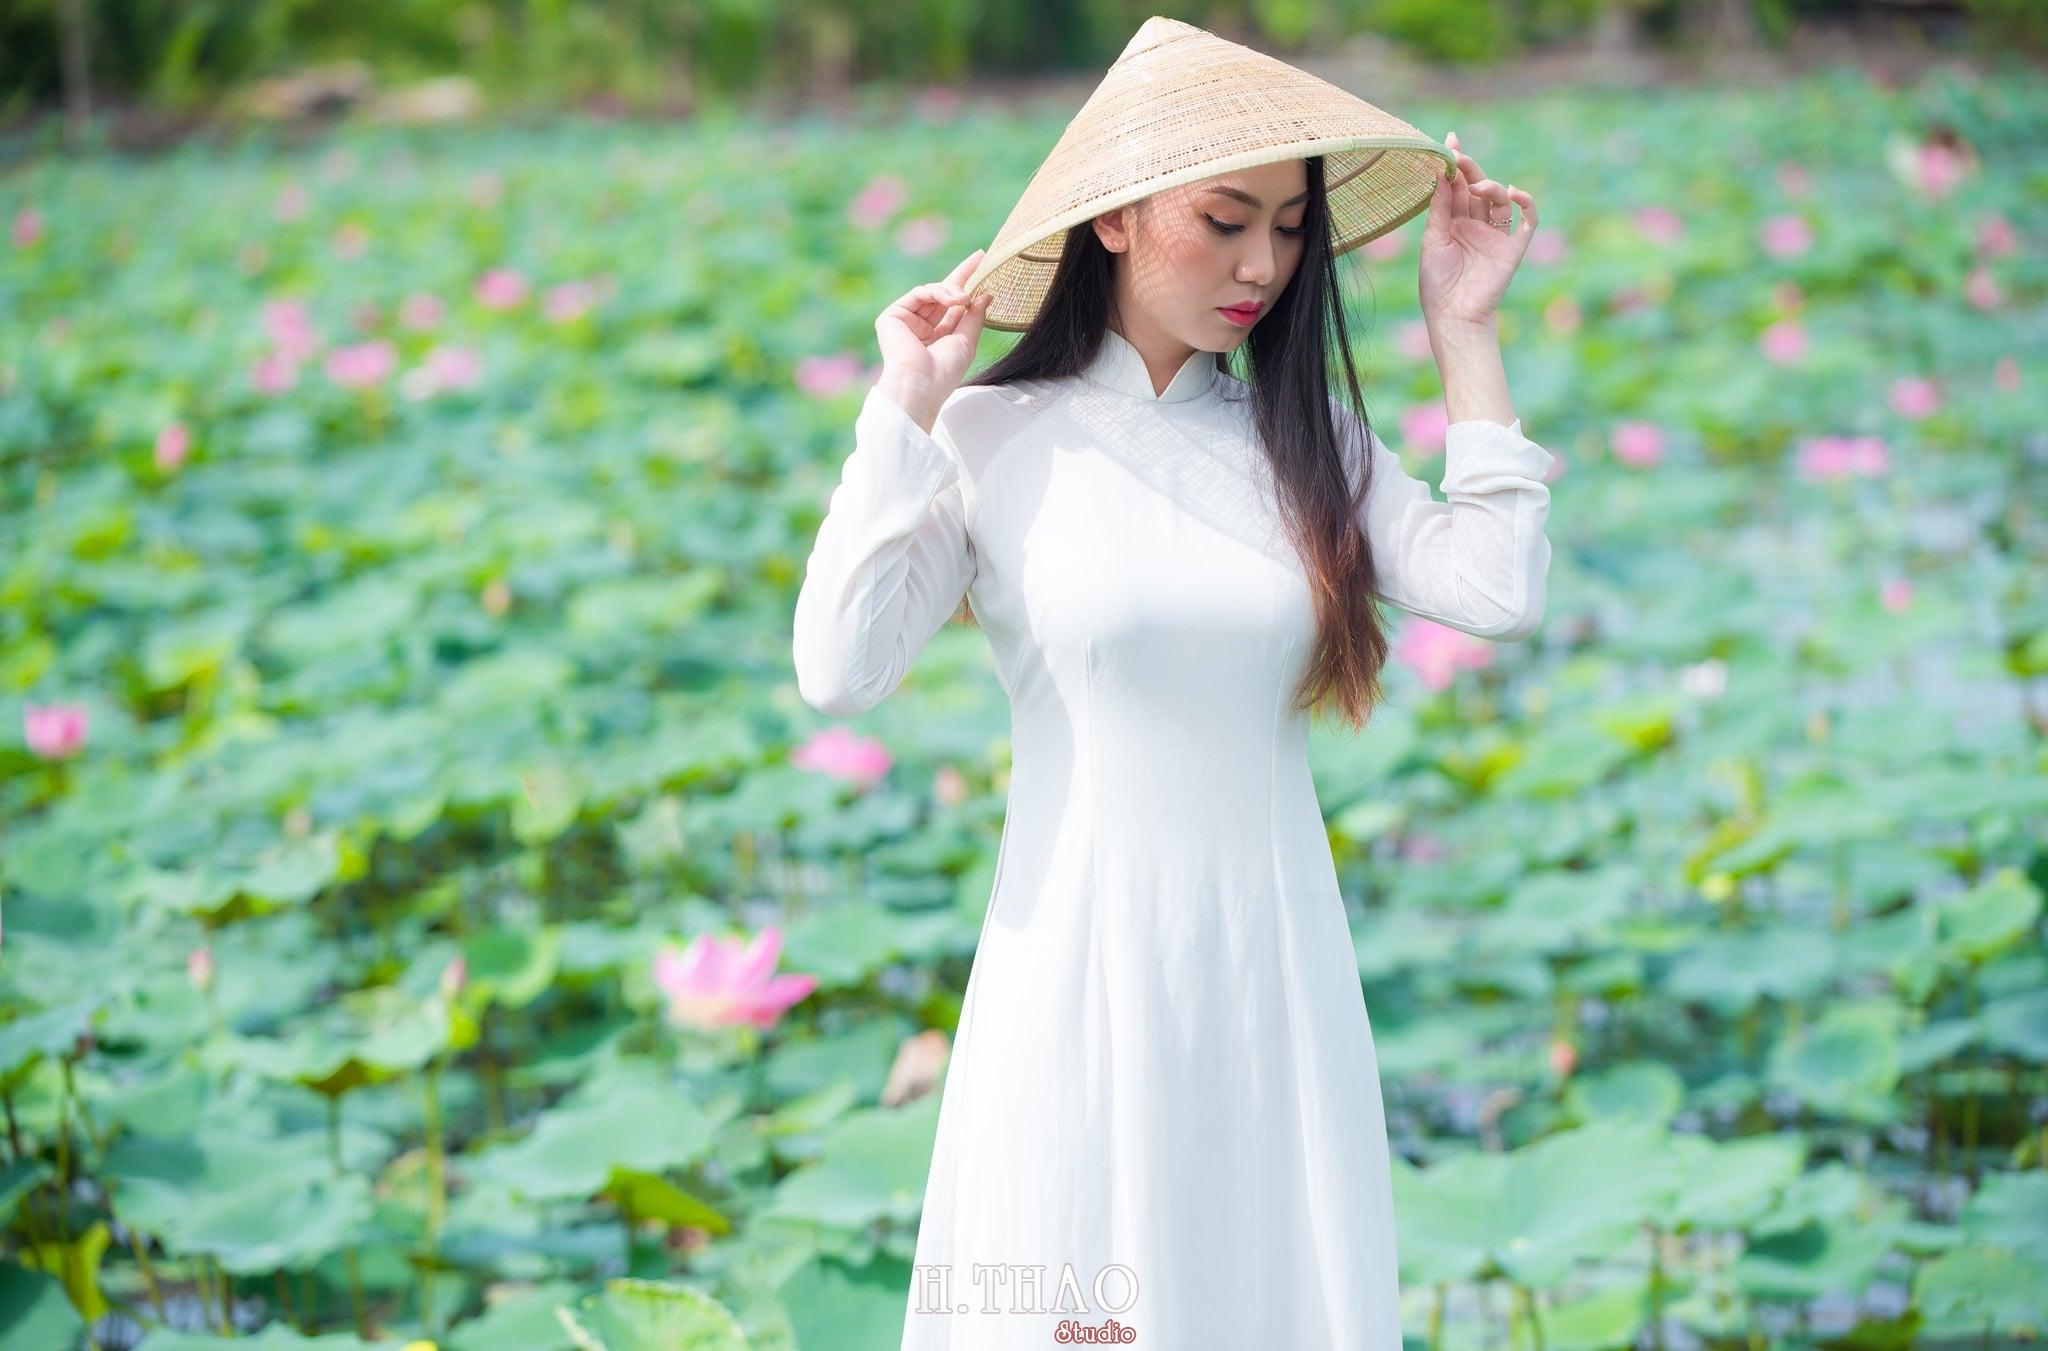 Chup hinh hoa sen 7 - Góc ảnh thiếu nữ bên hoa sen tam đa quận 9 tuyệt đẹp - HThao Studio